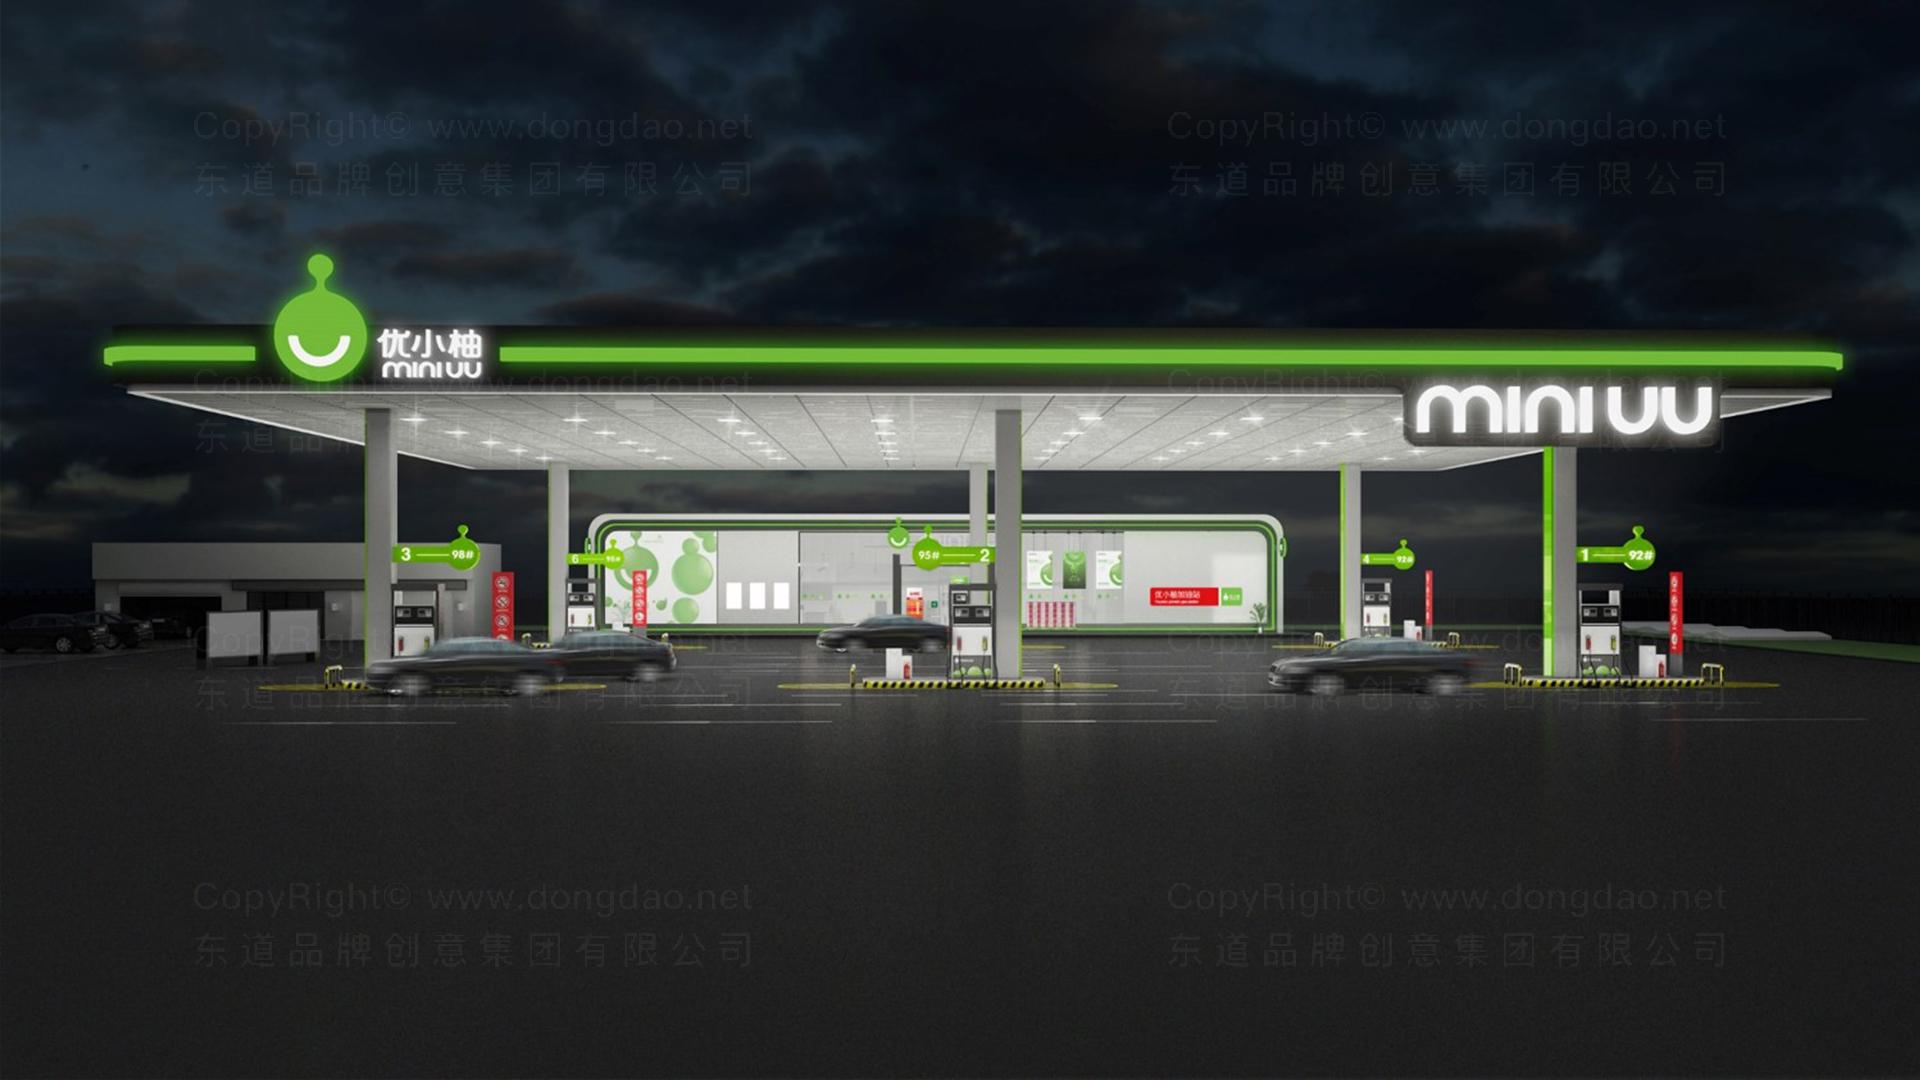 能源材料商业空间&导示优小柚加油站加油站SI设计